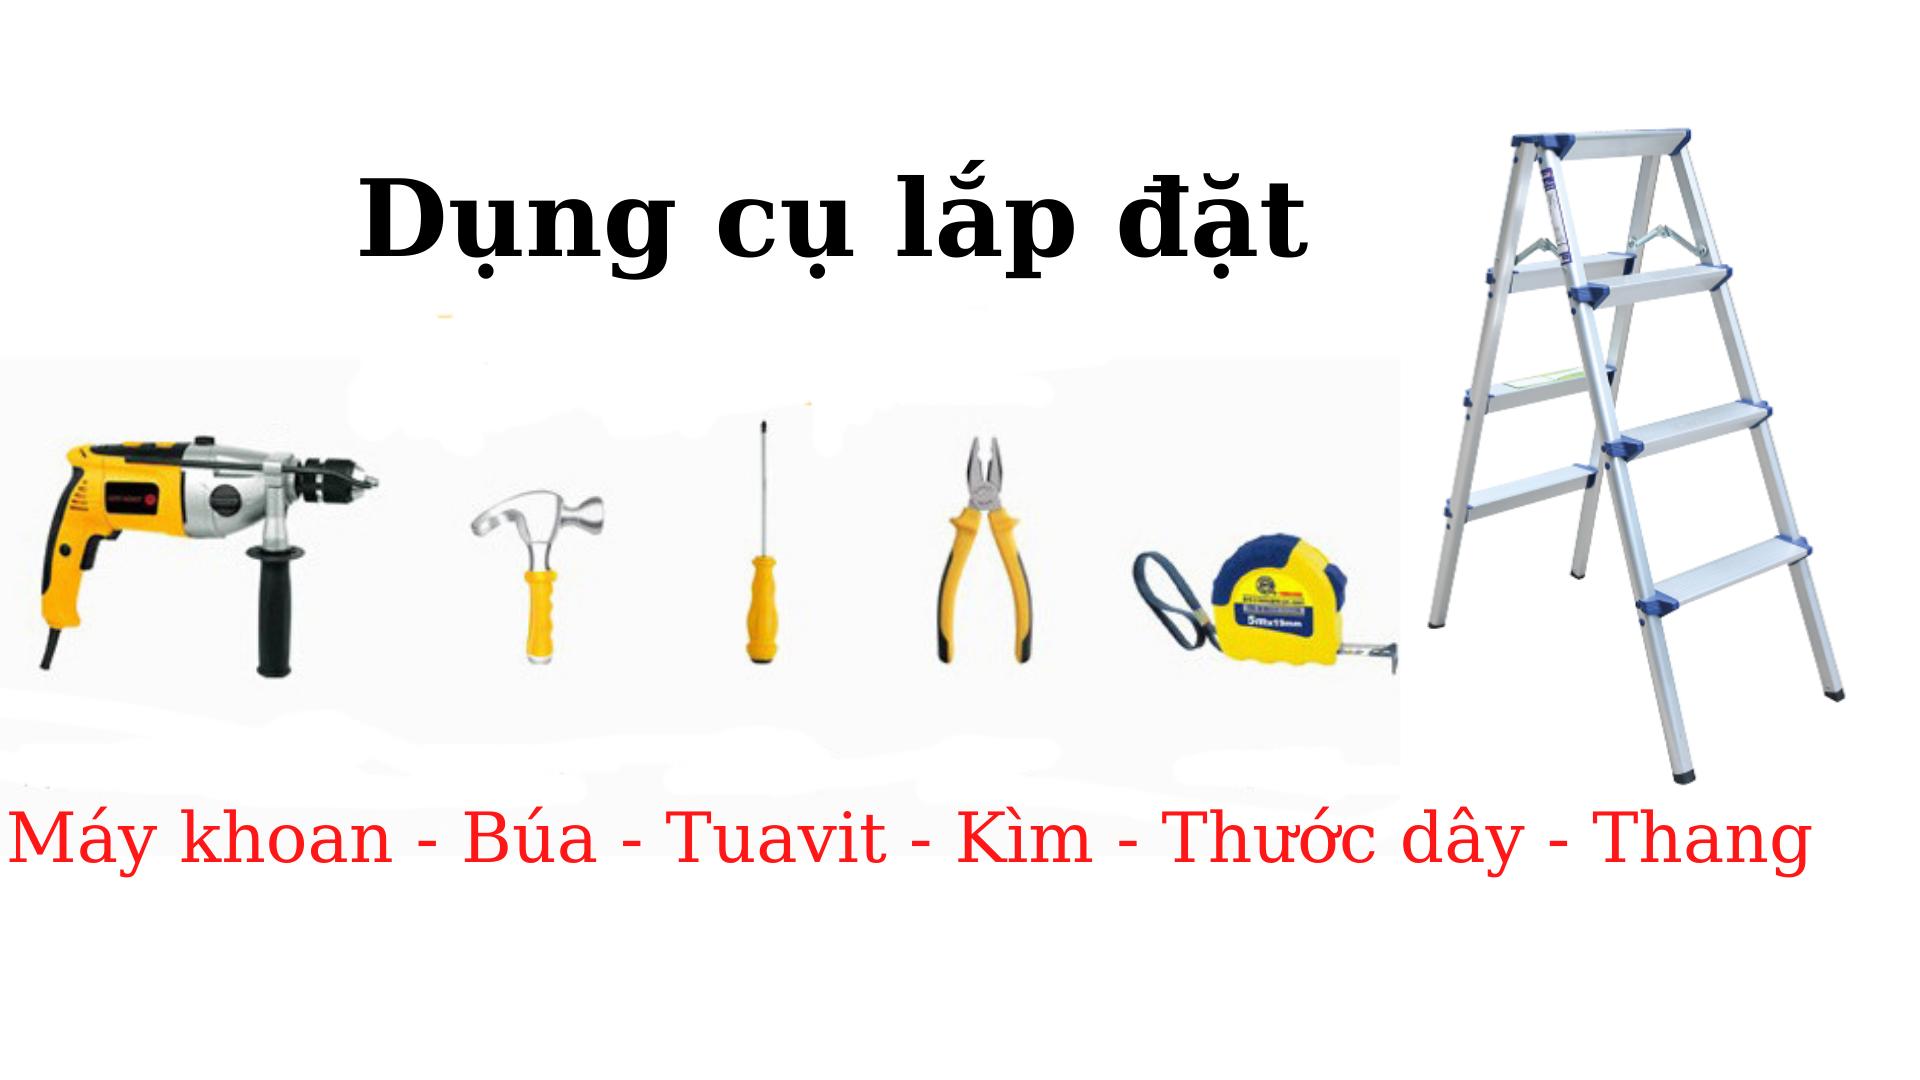 dung-cu-lap-dat-gian-phoi-thong-minh